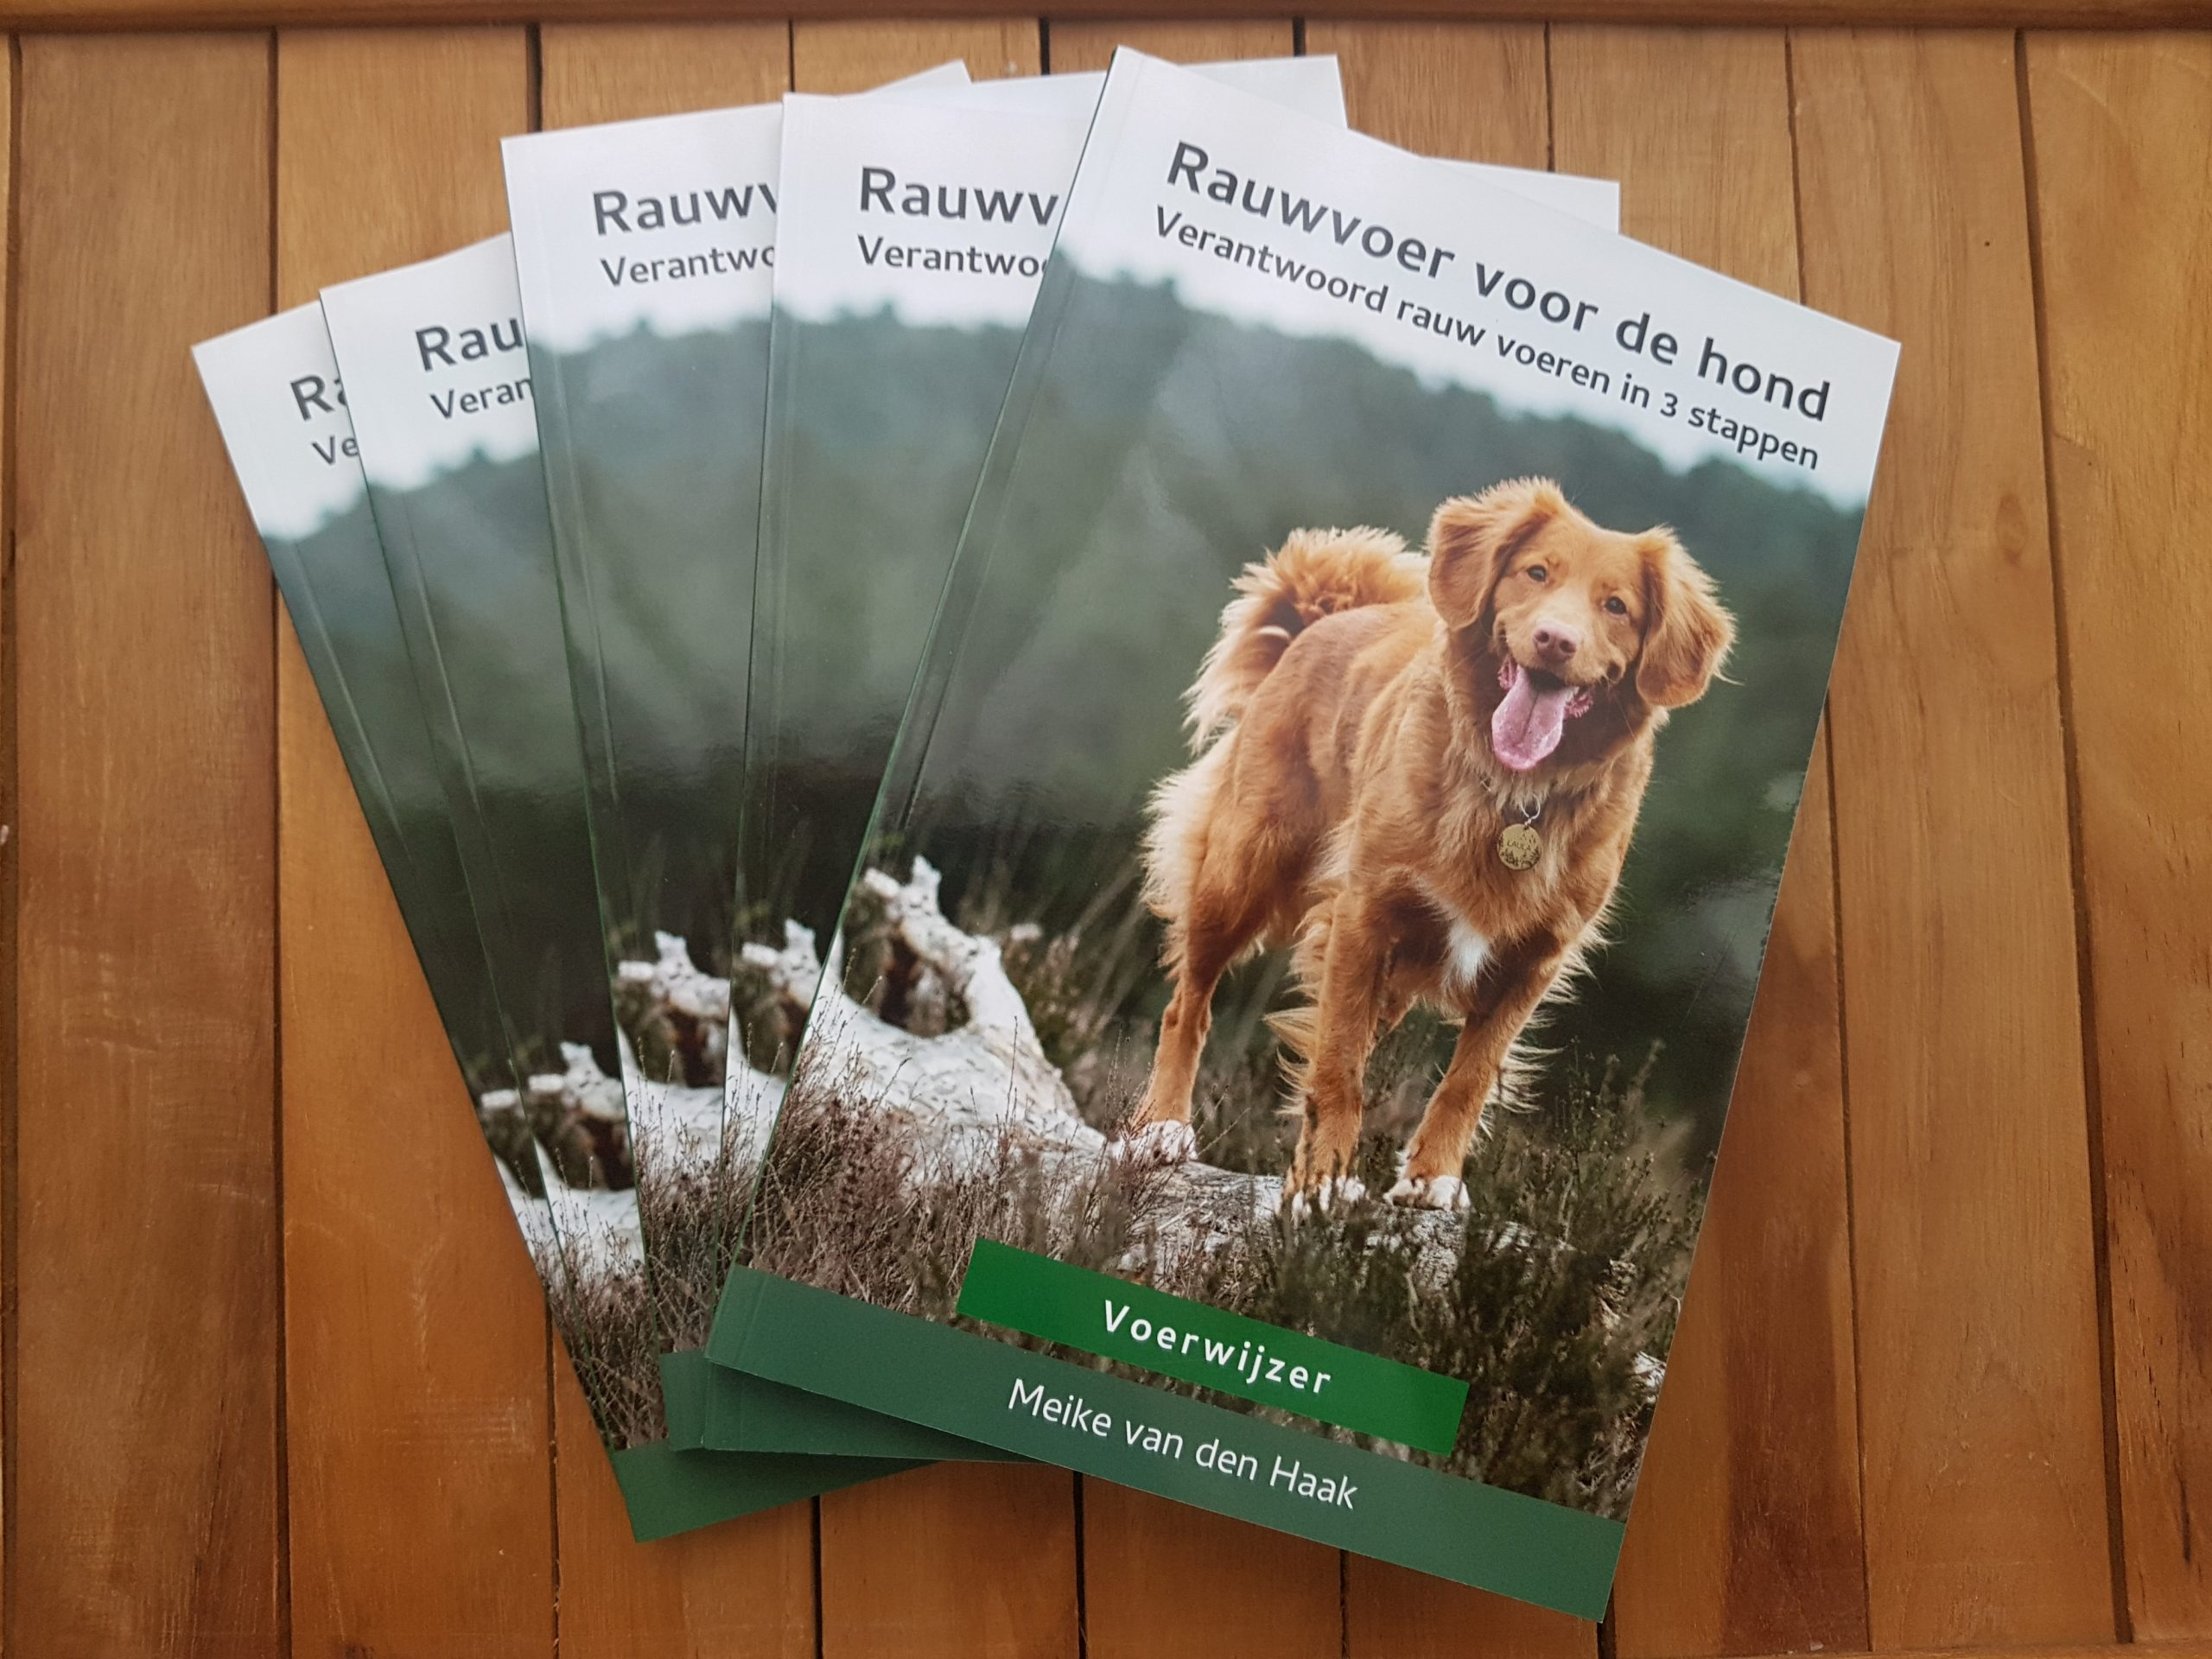 Stapeltje boeken Rauwvoer voor de hond Voerwijzer